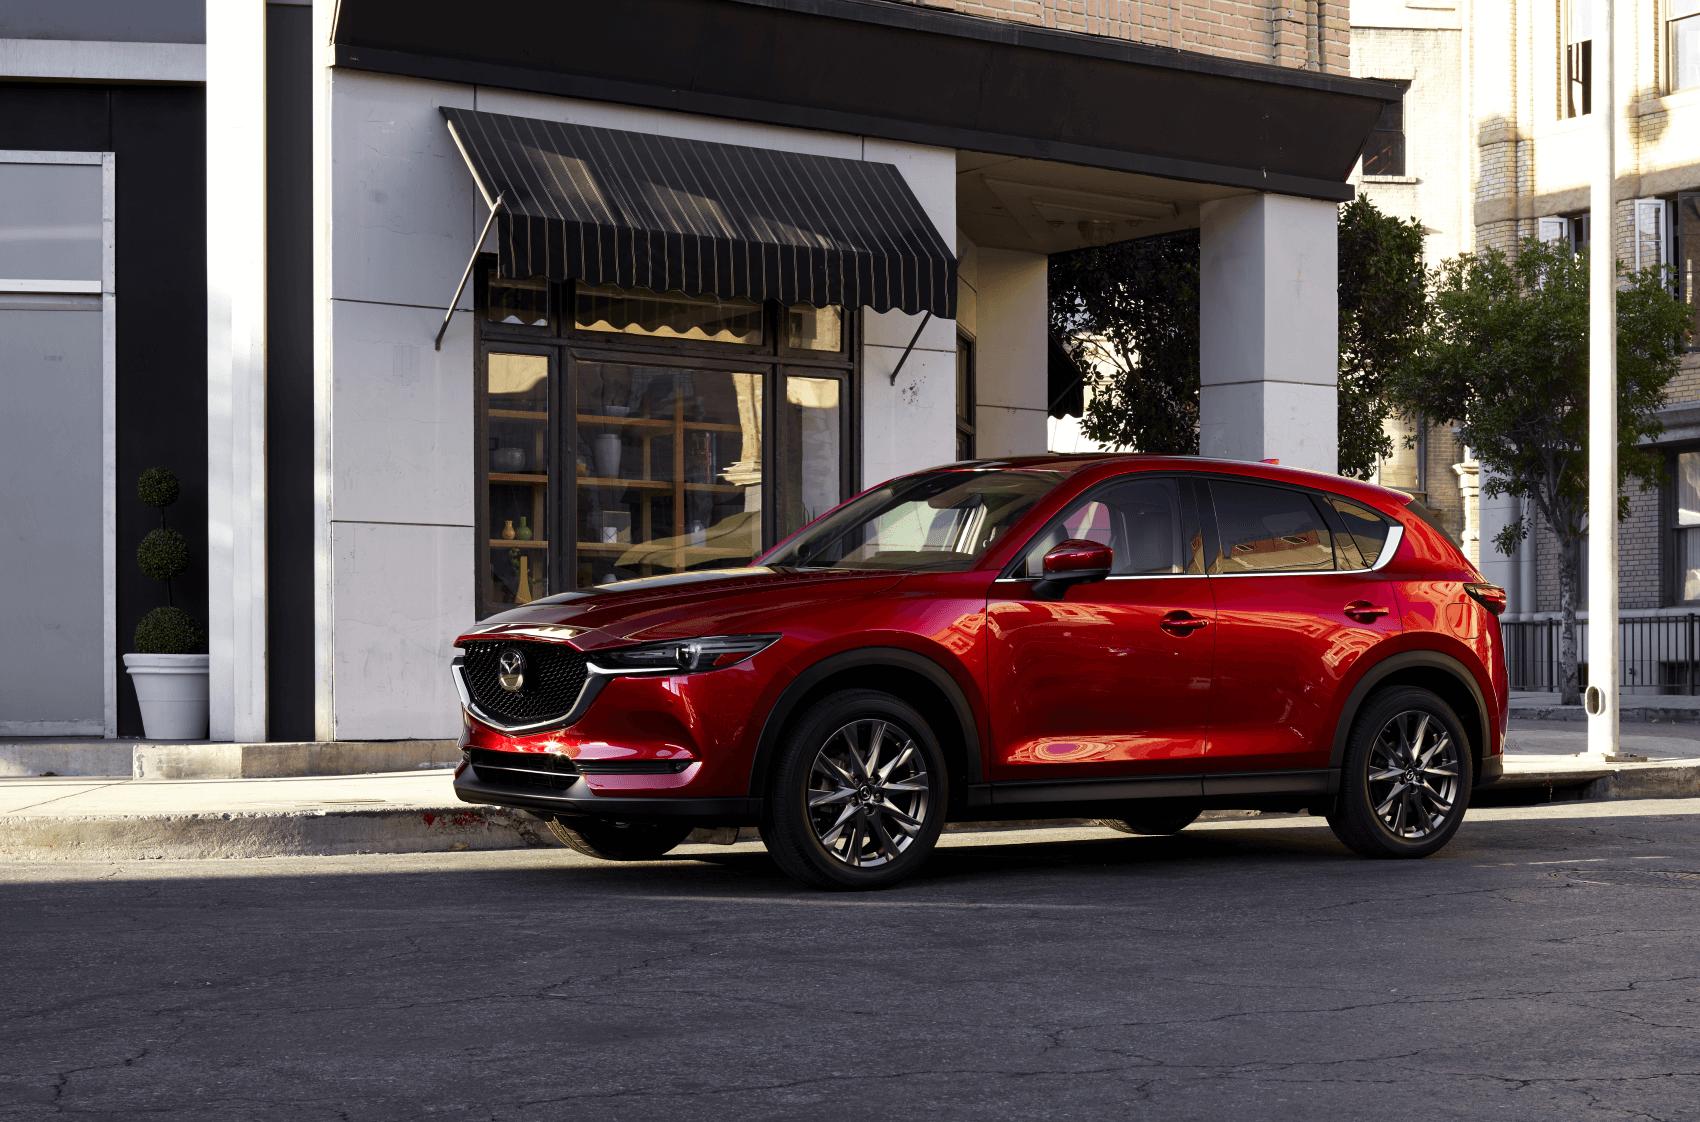 2021 Mazda CX-5 Red City Ocean Mazda